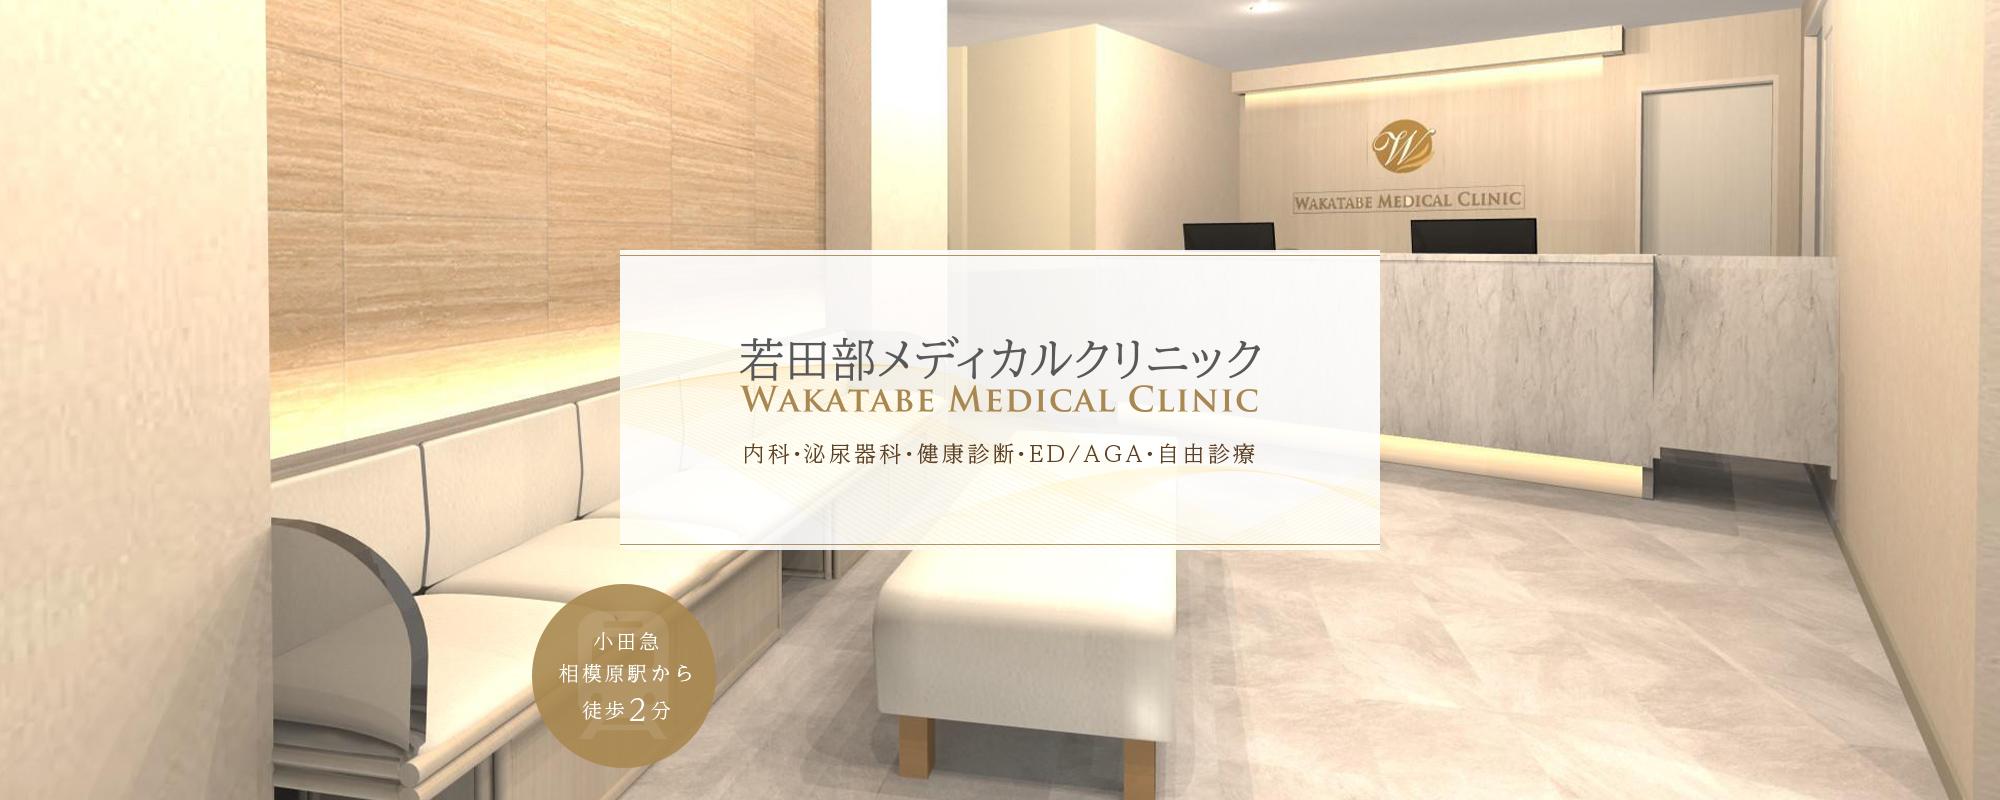 若田部メディカルクリニック 2021年4月5日(月)開院 2021年3月27日(土)28日(日)内覧会